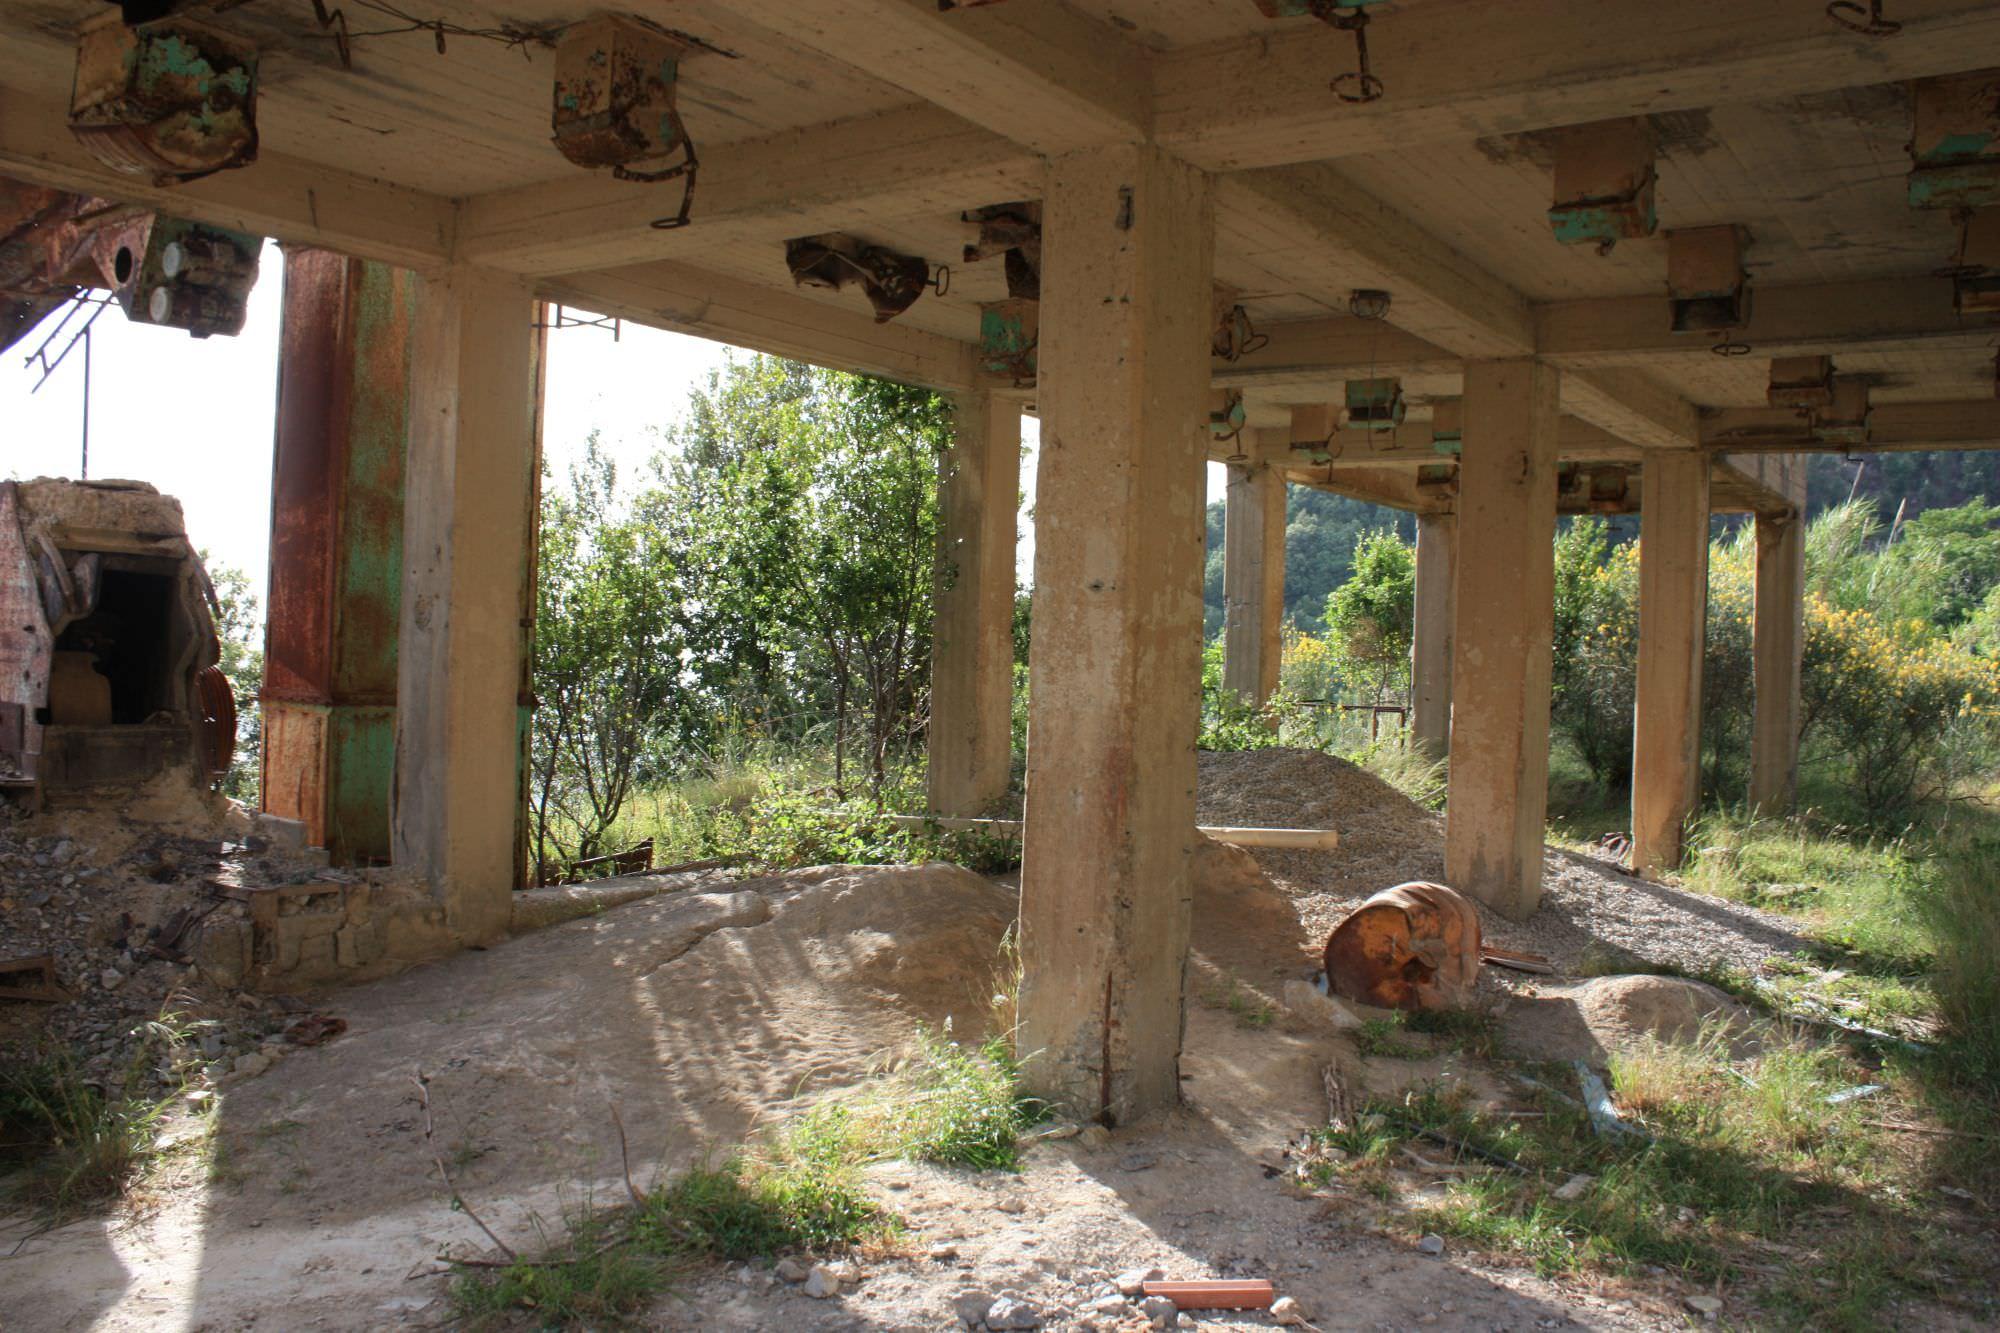 Polemica sull'emendamento Pd al piano paesaggistico della Regione, il Fai scrive a Renzi